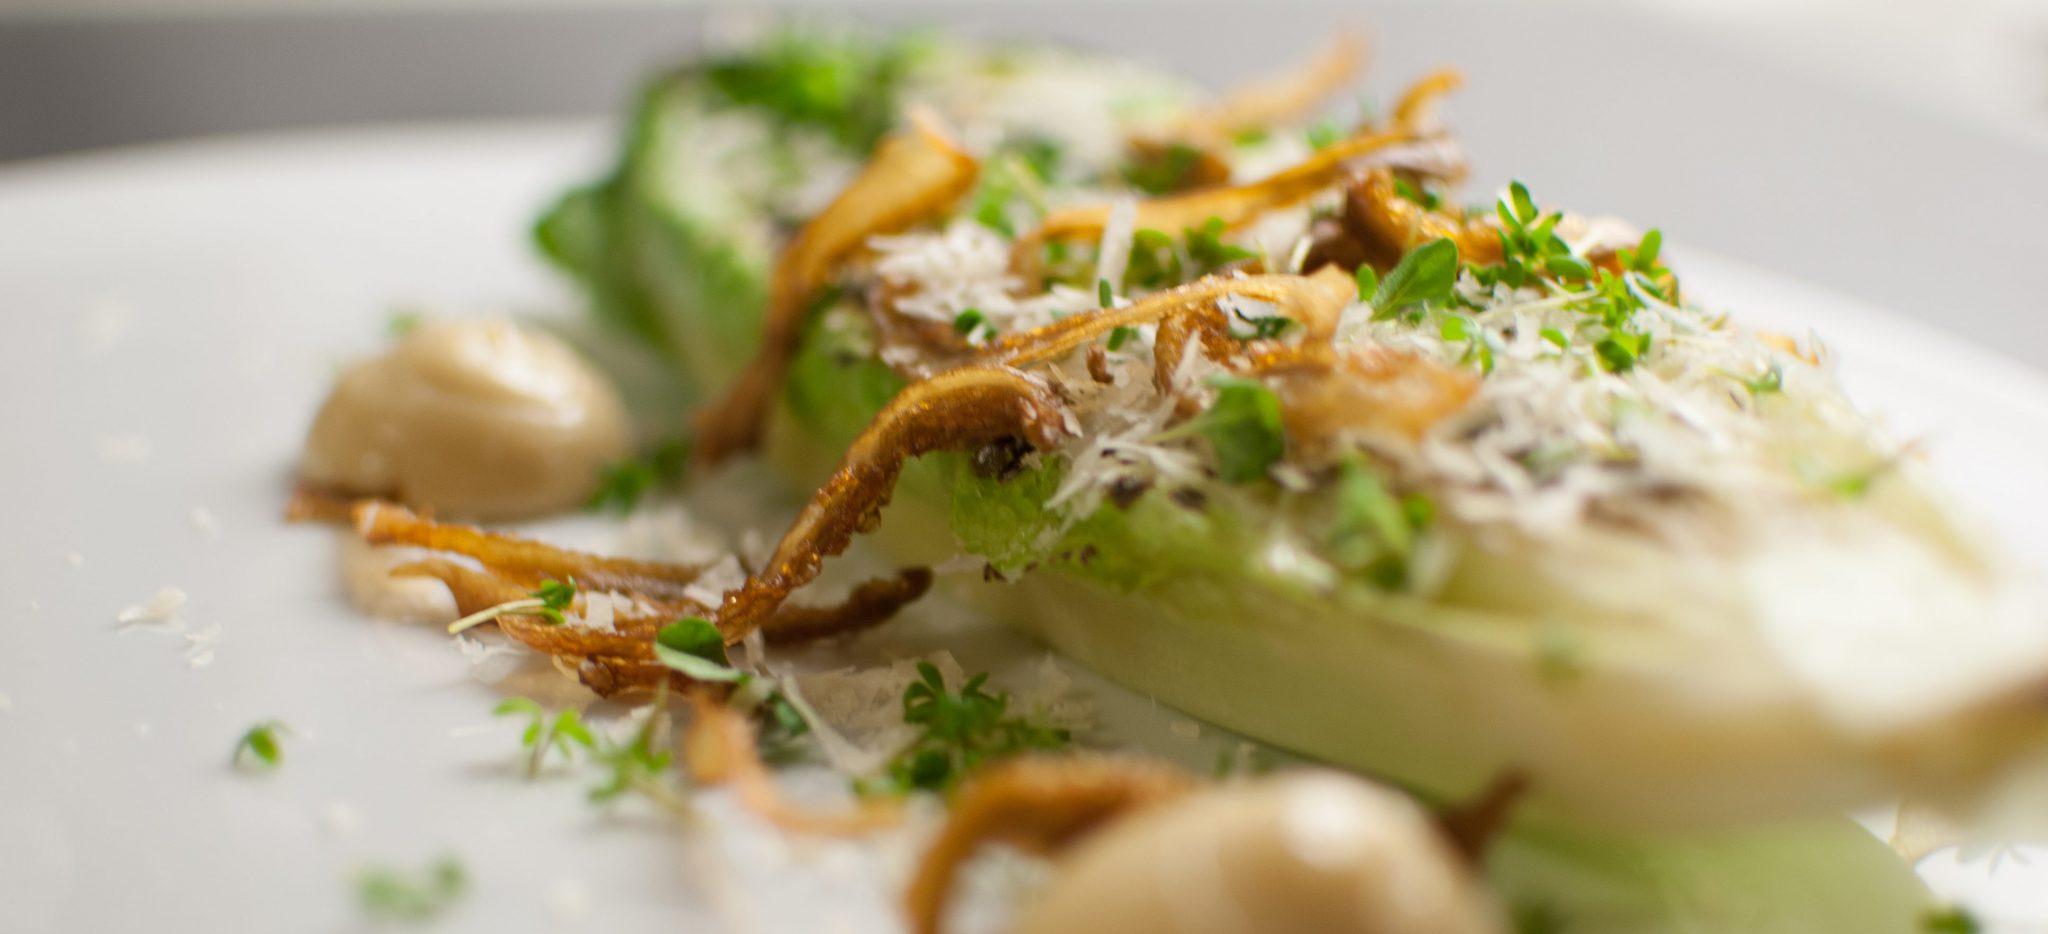 Grillad romansallad med sojamajonnäs, friterad ostronskivling, parmesan och örter